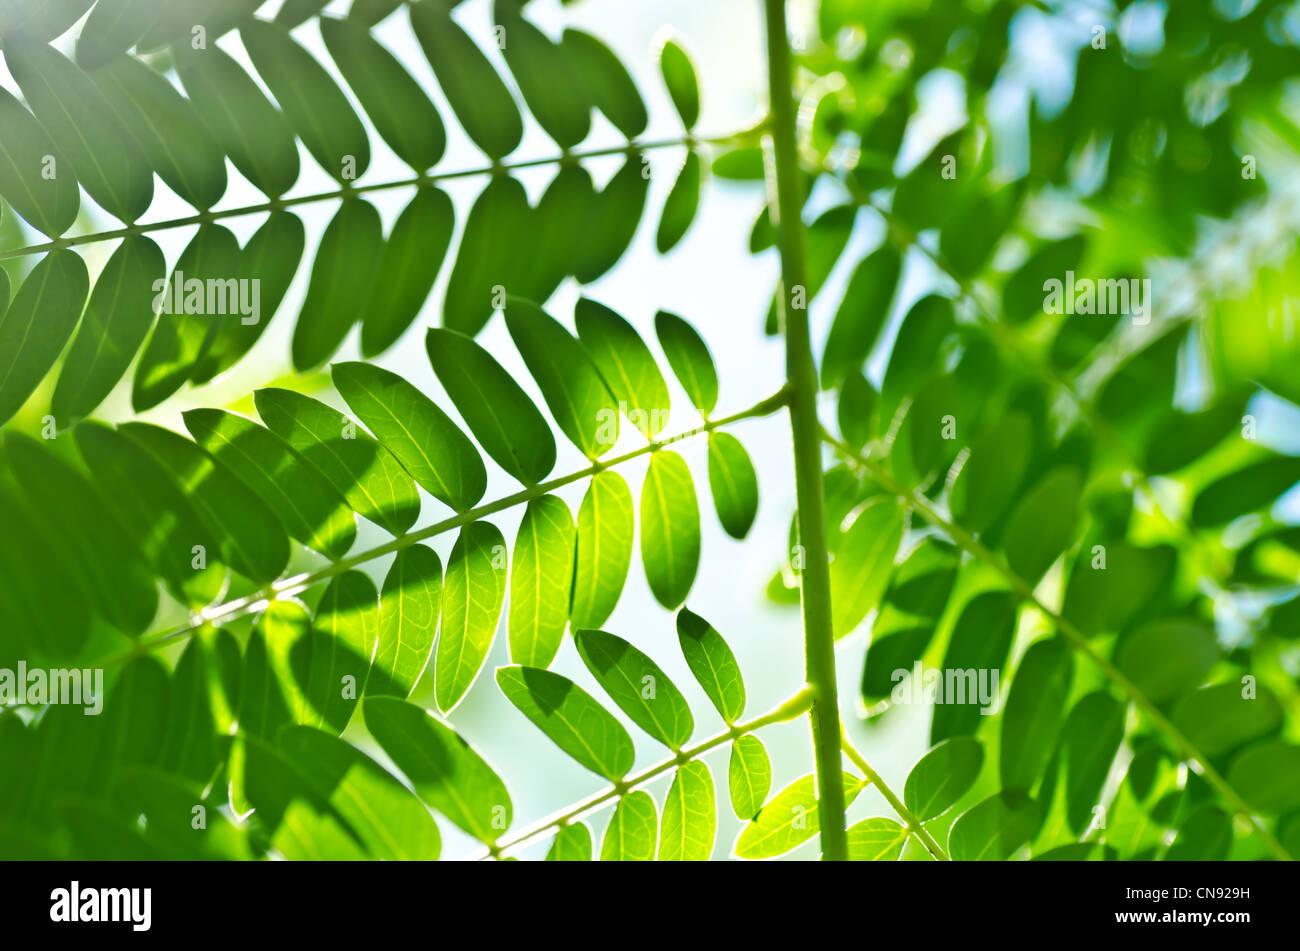 Feuille verte et de la lumière du soleil en forêt ou dans la nature verte Photo Stock